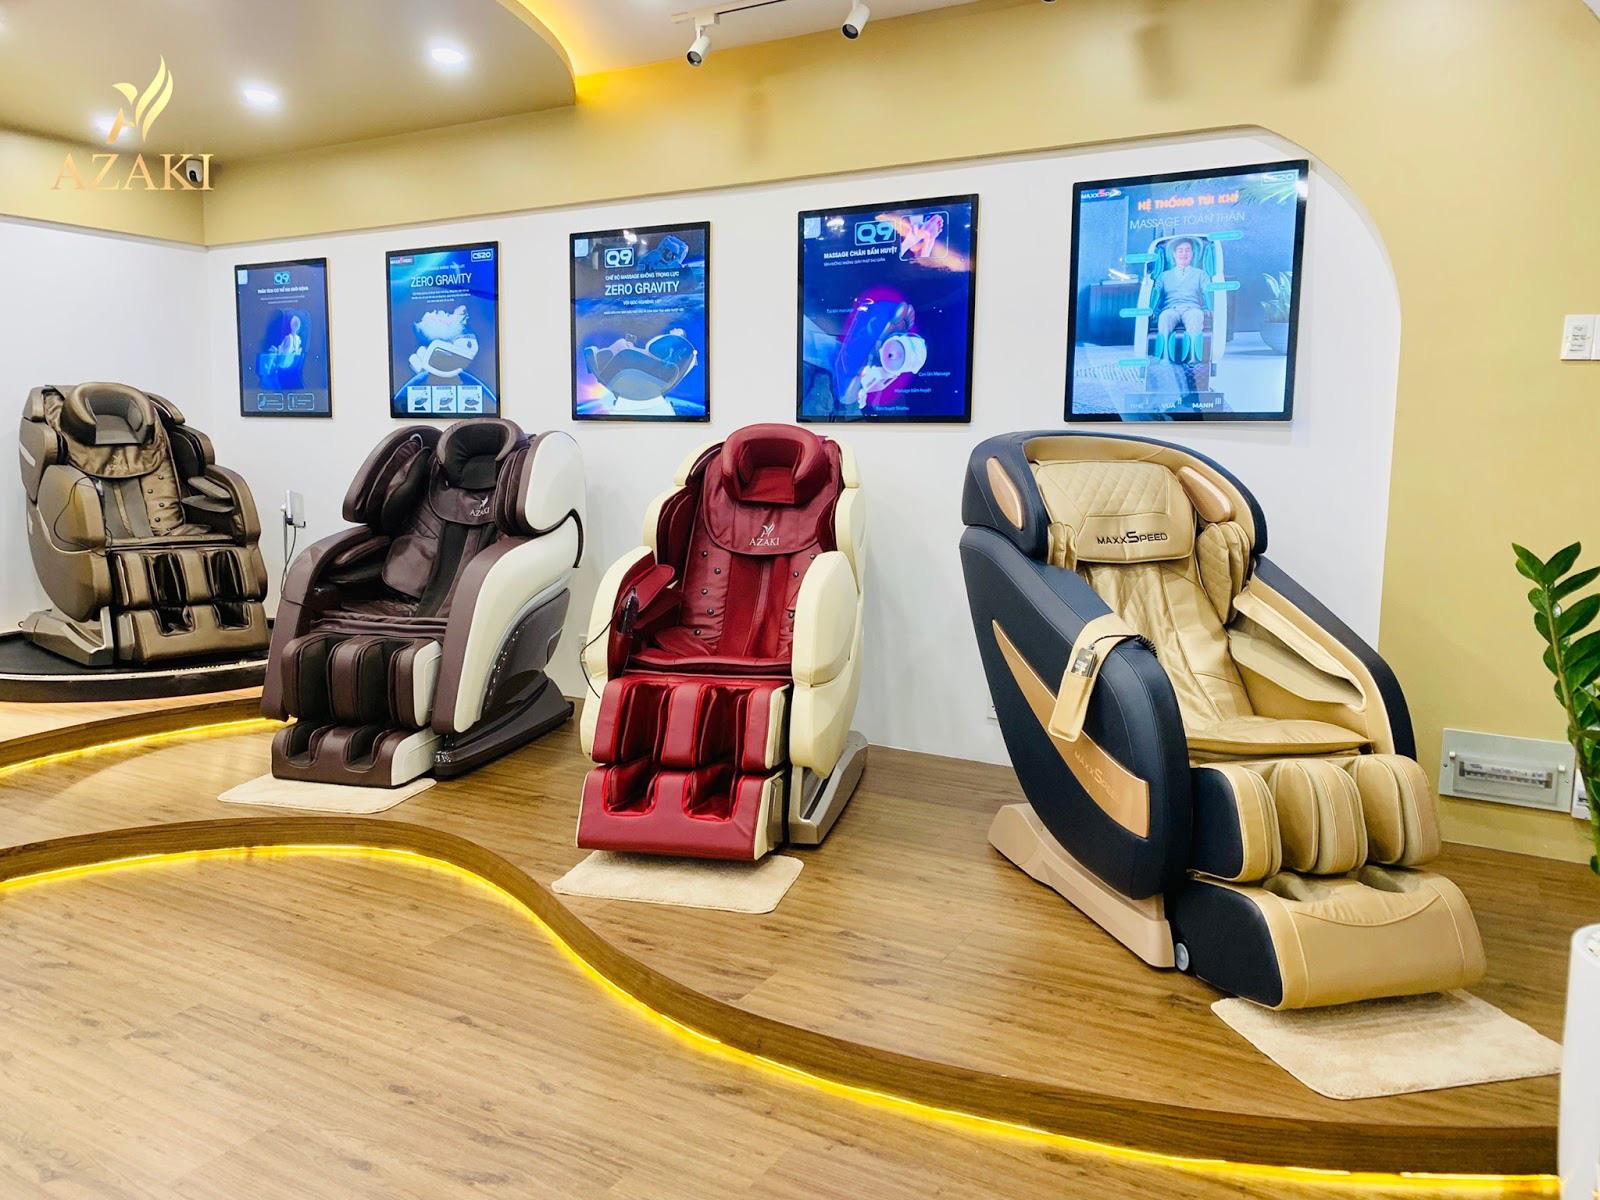 Bí quyết thành công của thương hiệu ghế massage Azaki - Ảnh 3.